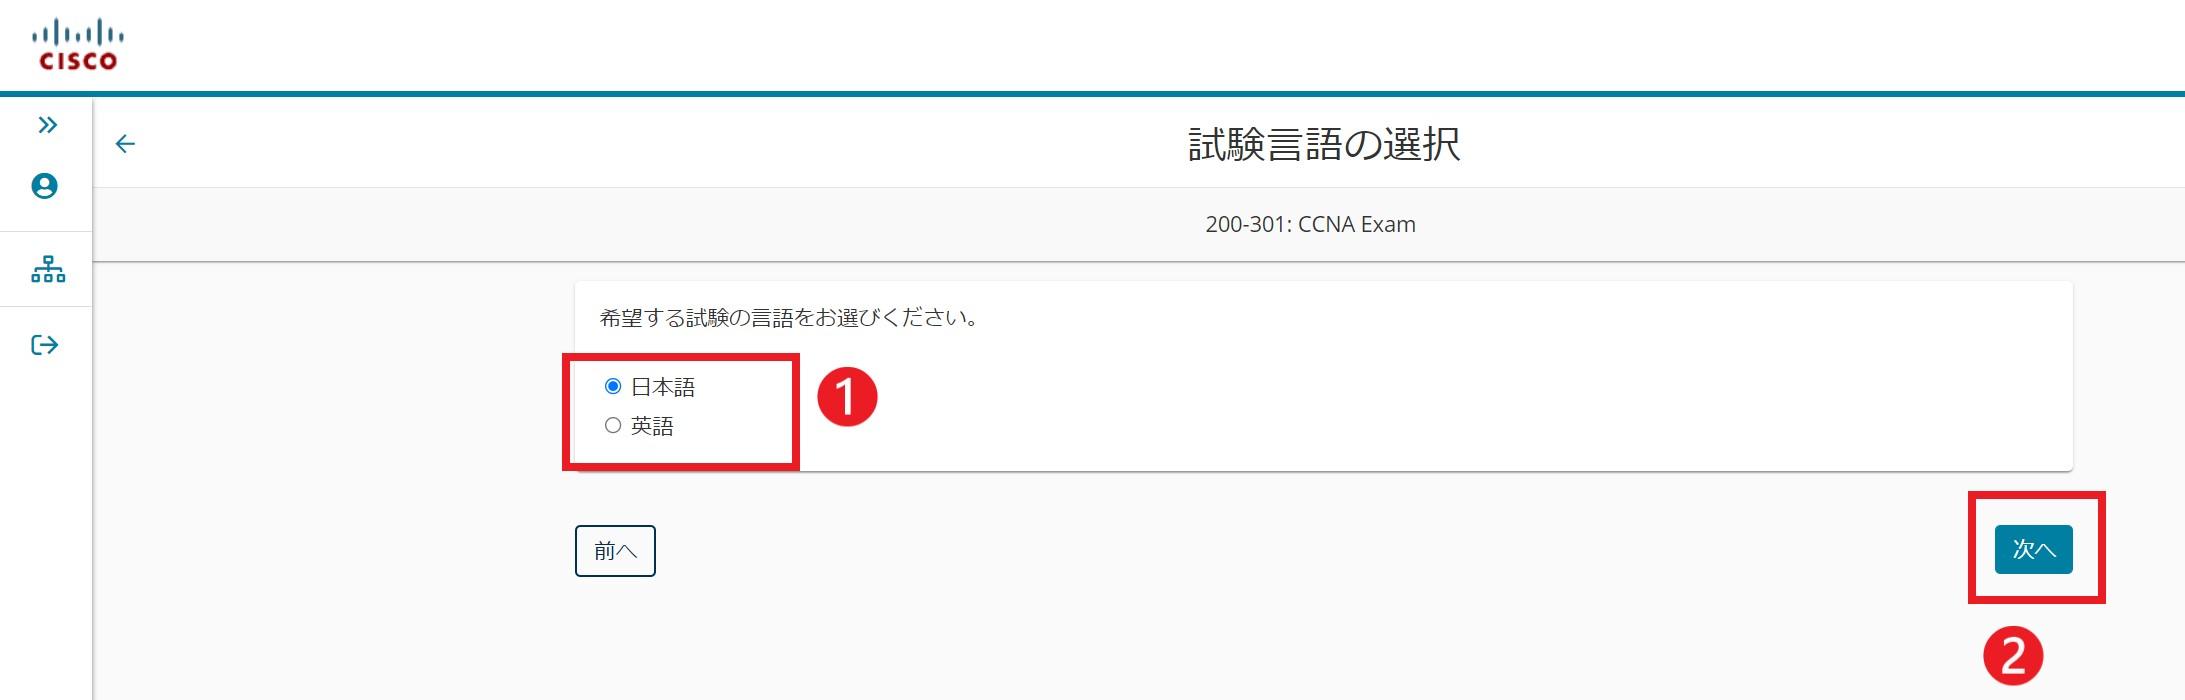 CCNAの試験日・試験日程を調べる方法